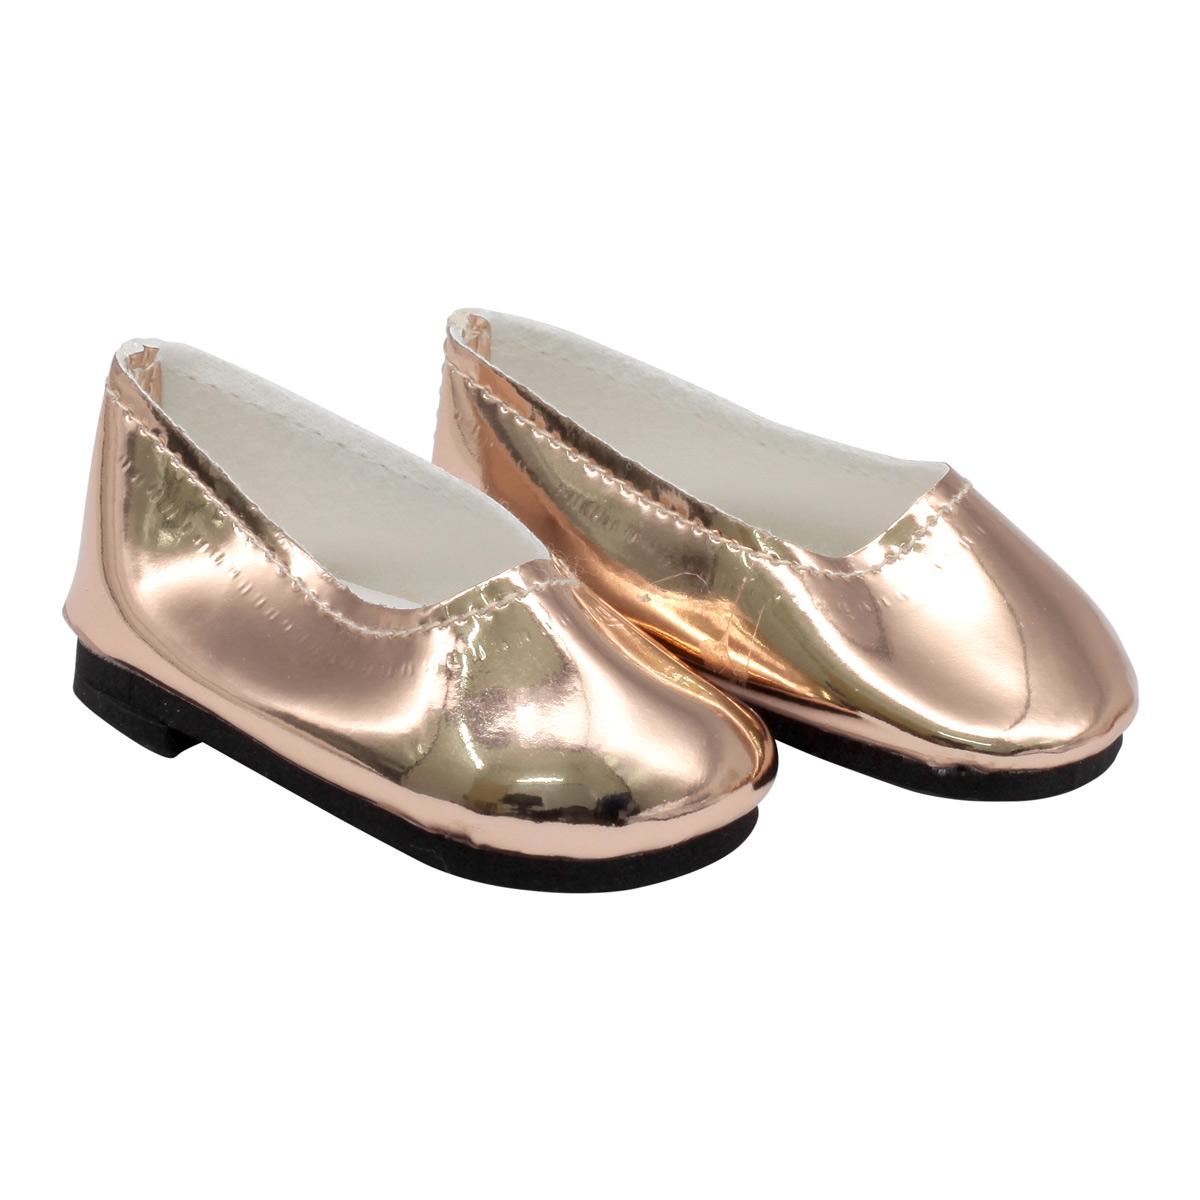 MISU-4 Туфли для куклы 'Металлик', 7см, цв. золотой